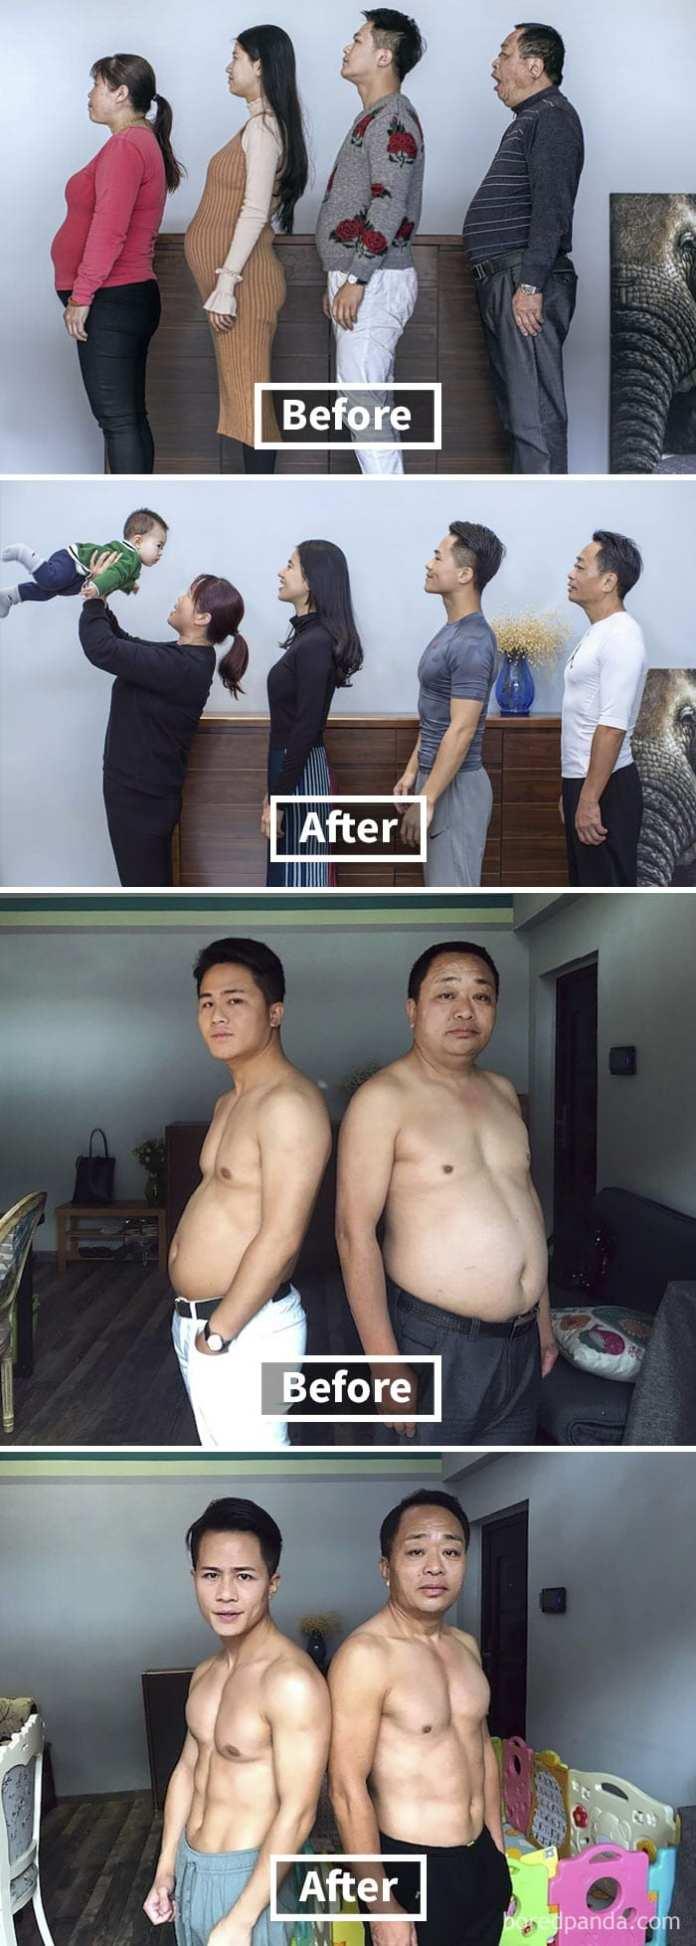 Pierdere în greutate mascul de 19 ani pierderea în greutate din Valium